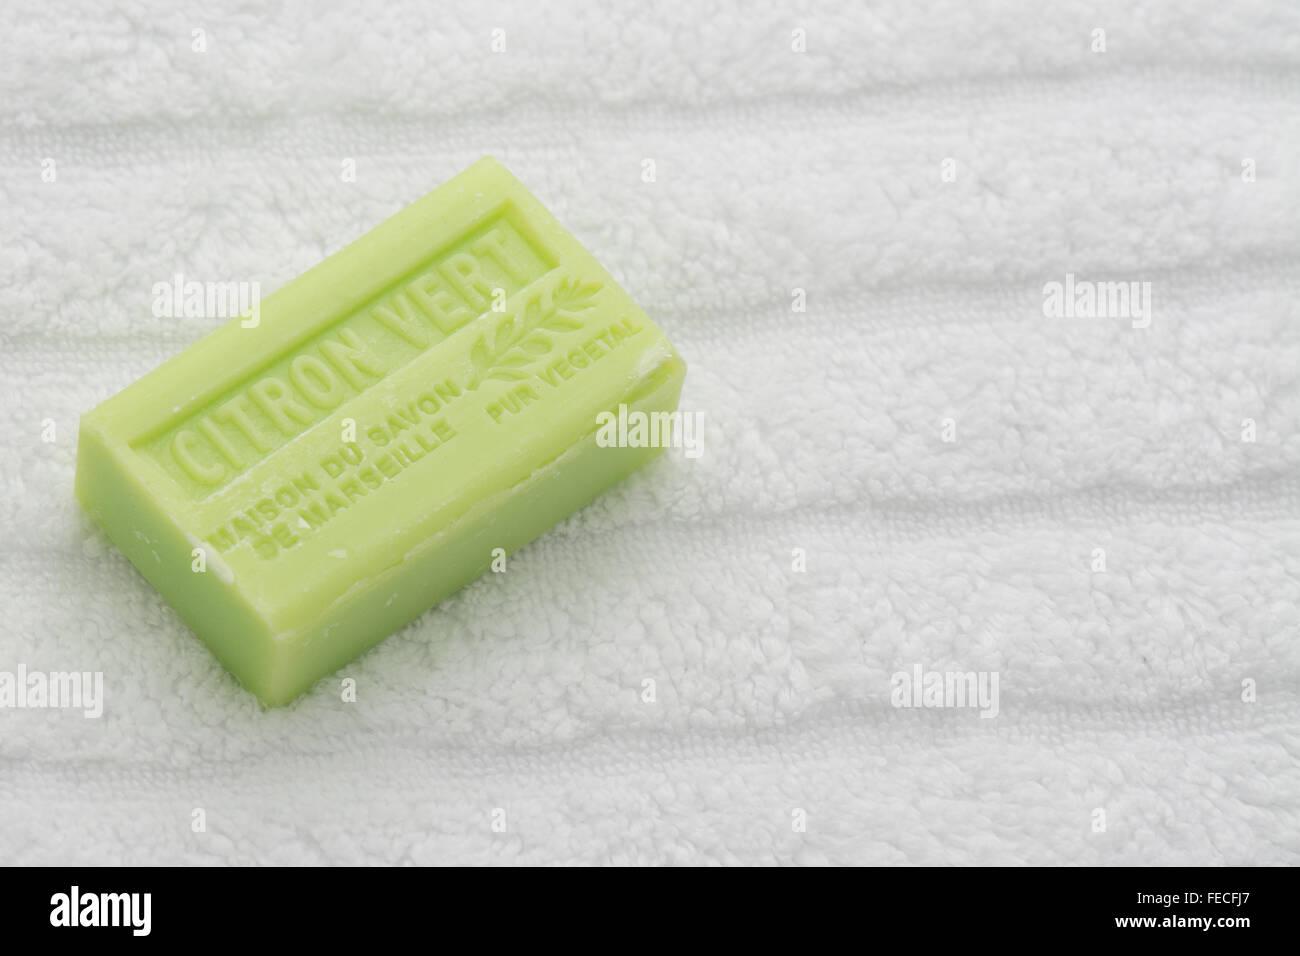 La Maison du Savon Citron Vert French scented soap - Stock Image